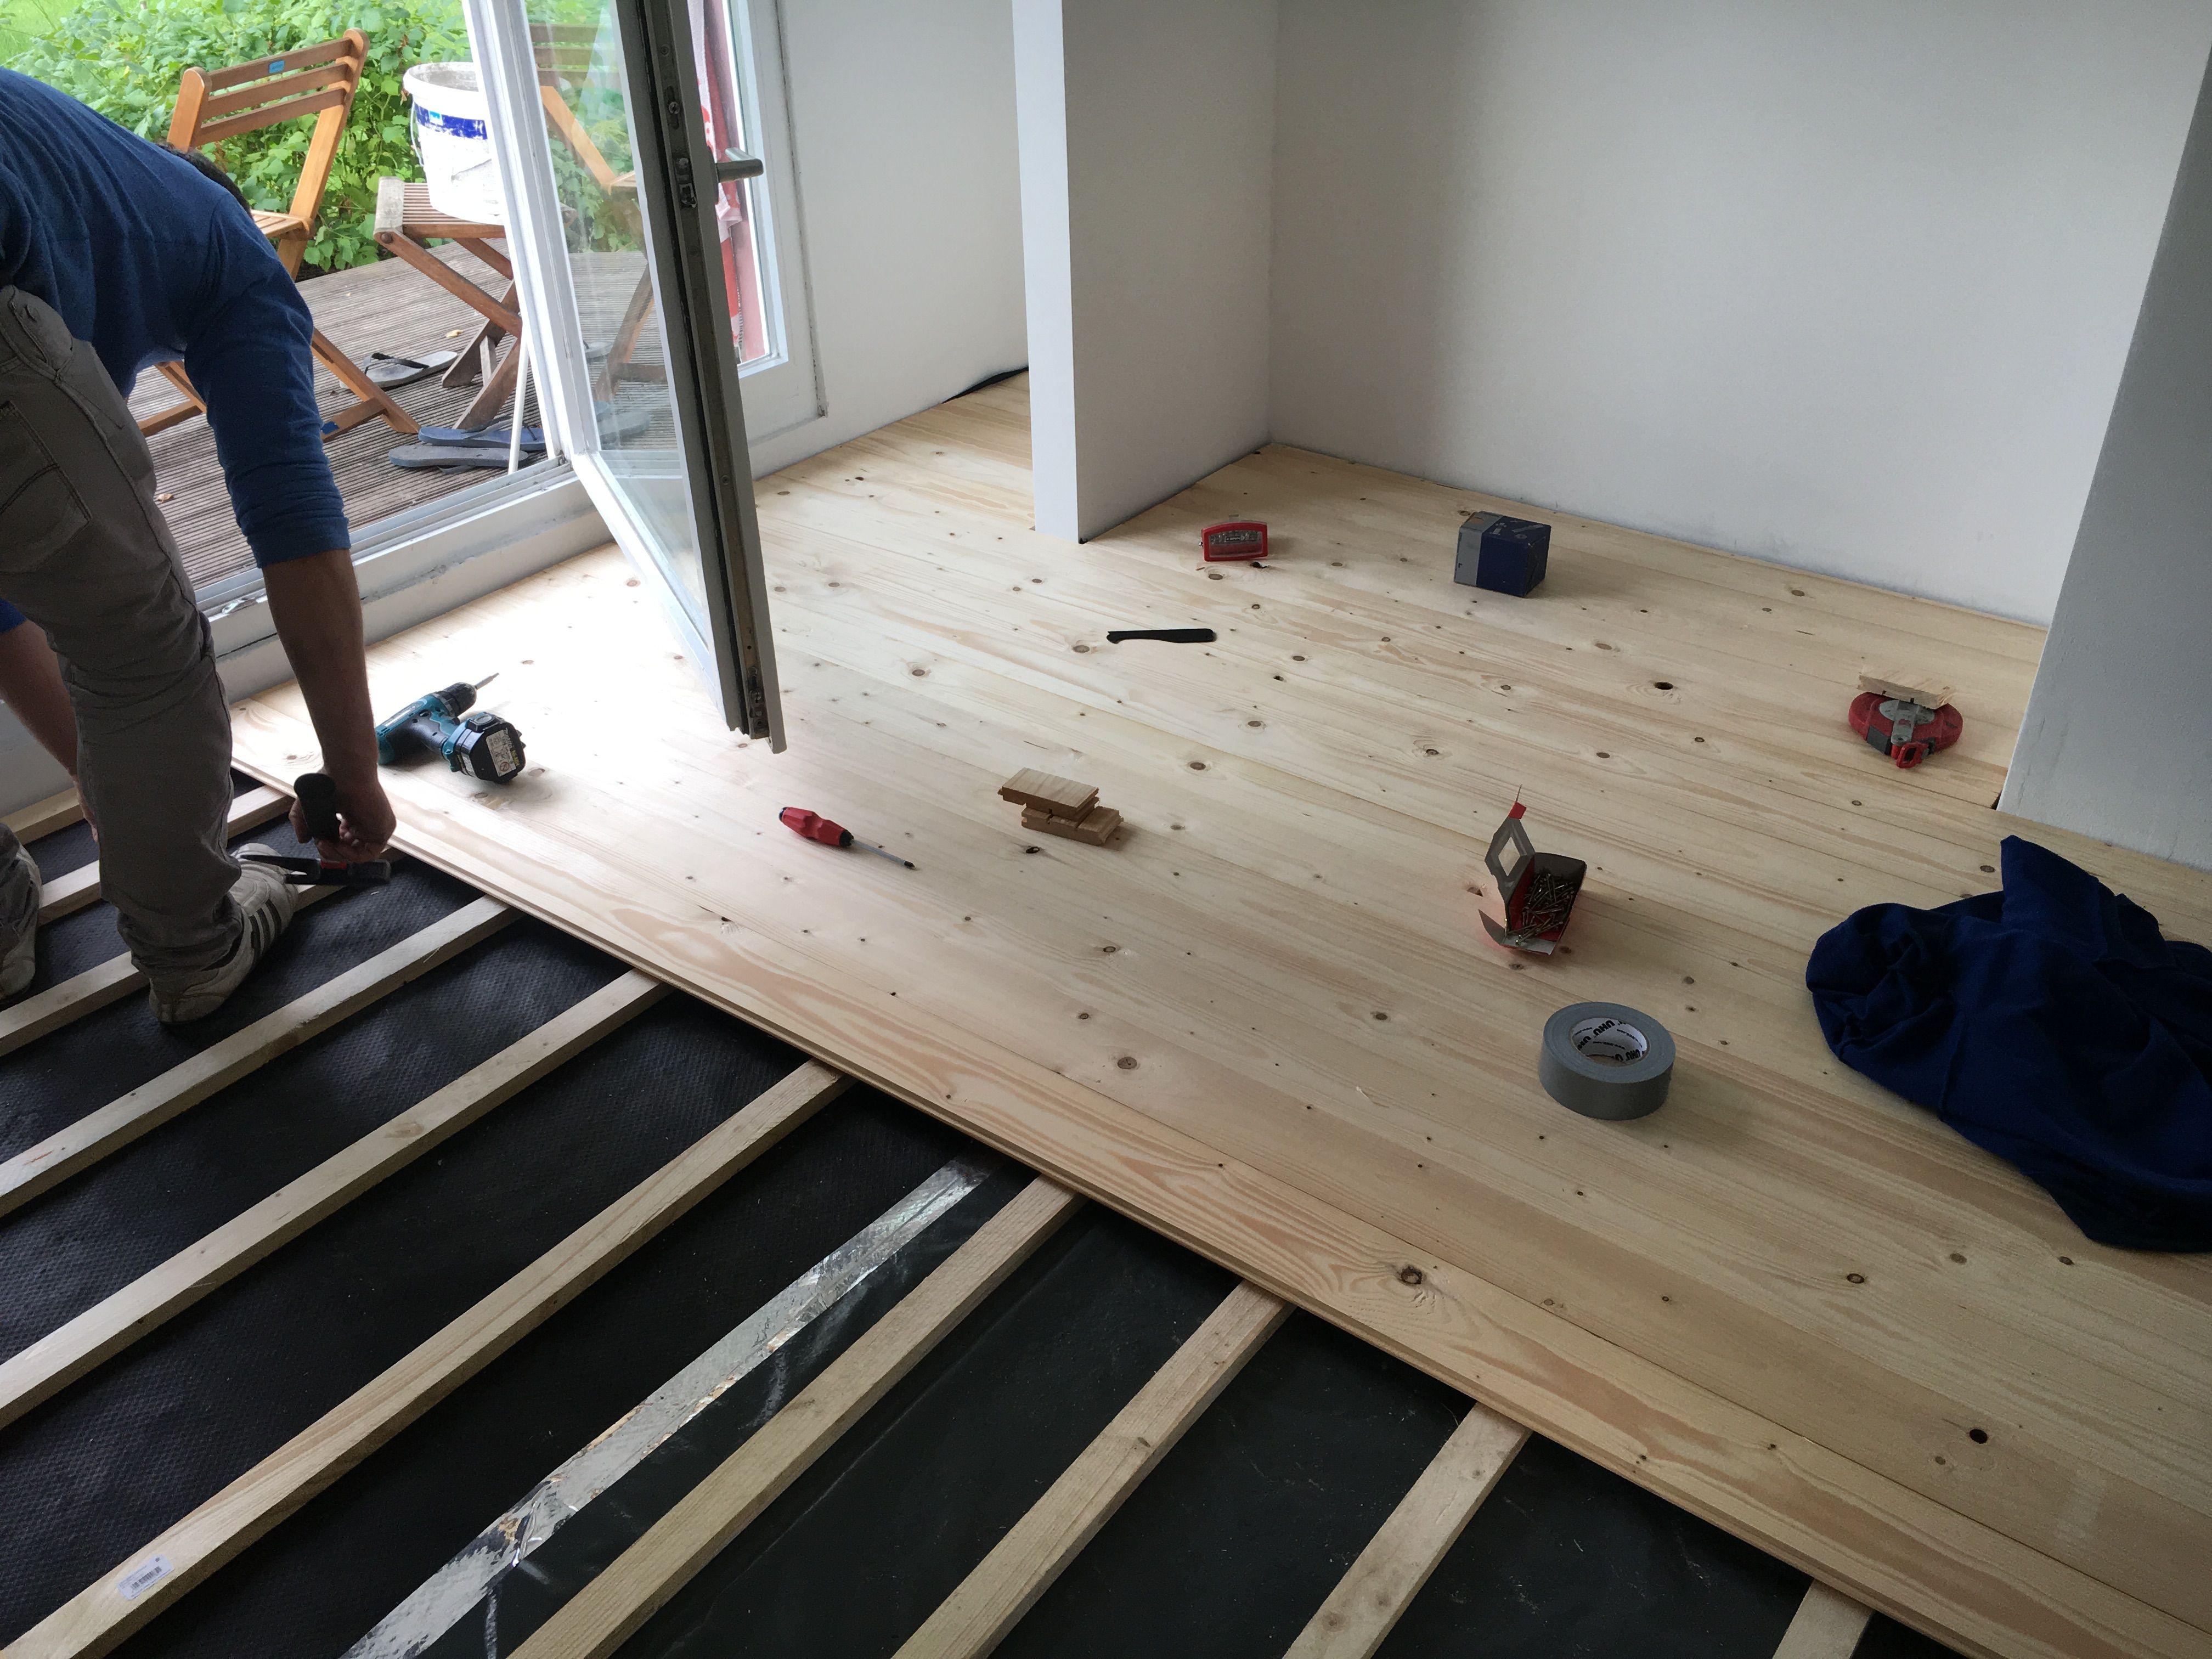 Fußboden Schlafzimmer Mitnehmen ~ Fußboden aus rauhspund rauspund als dielenboden wohnzimmer